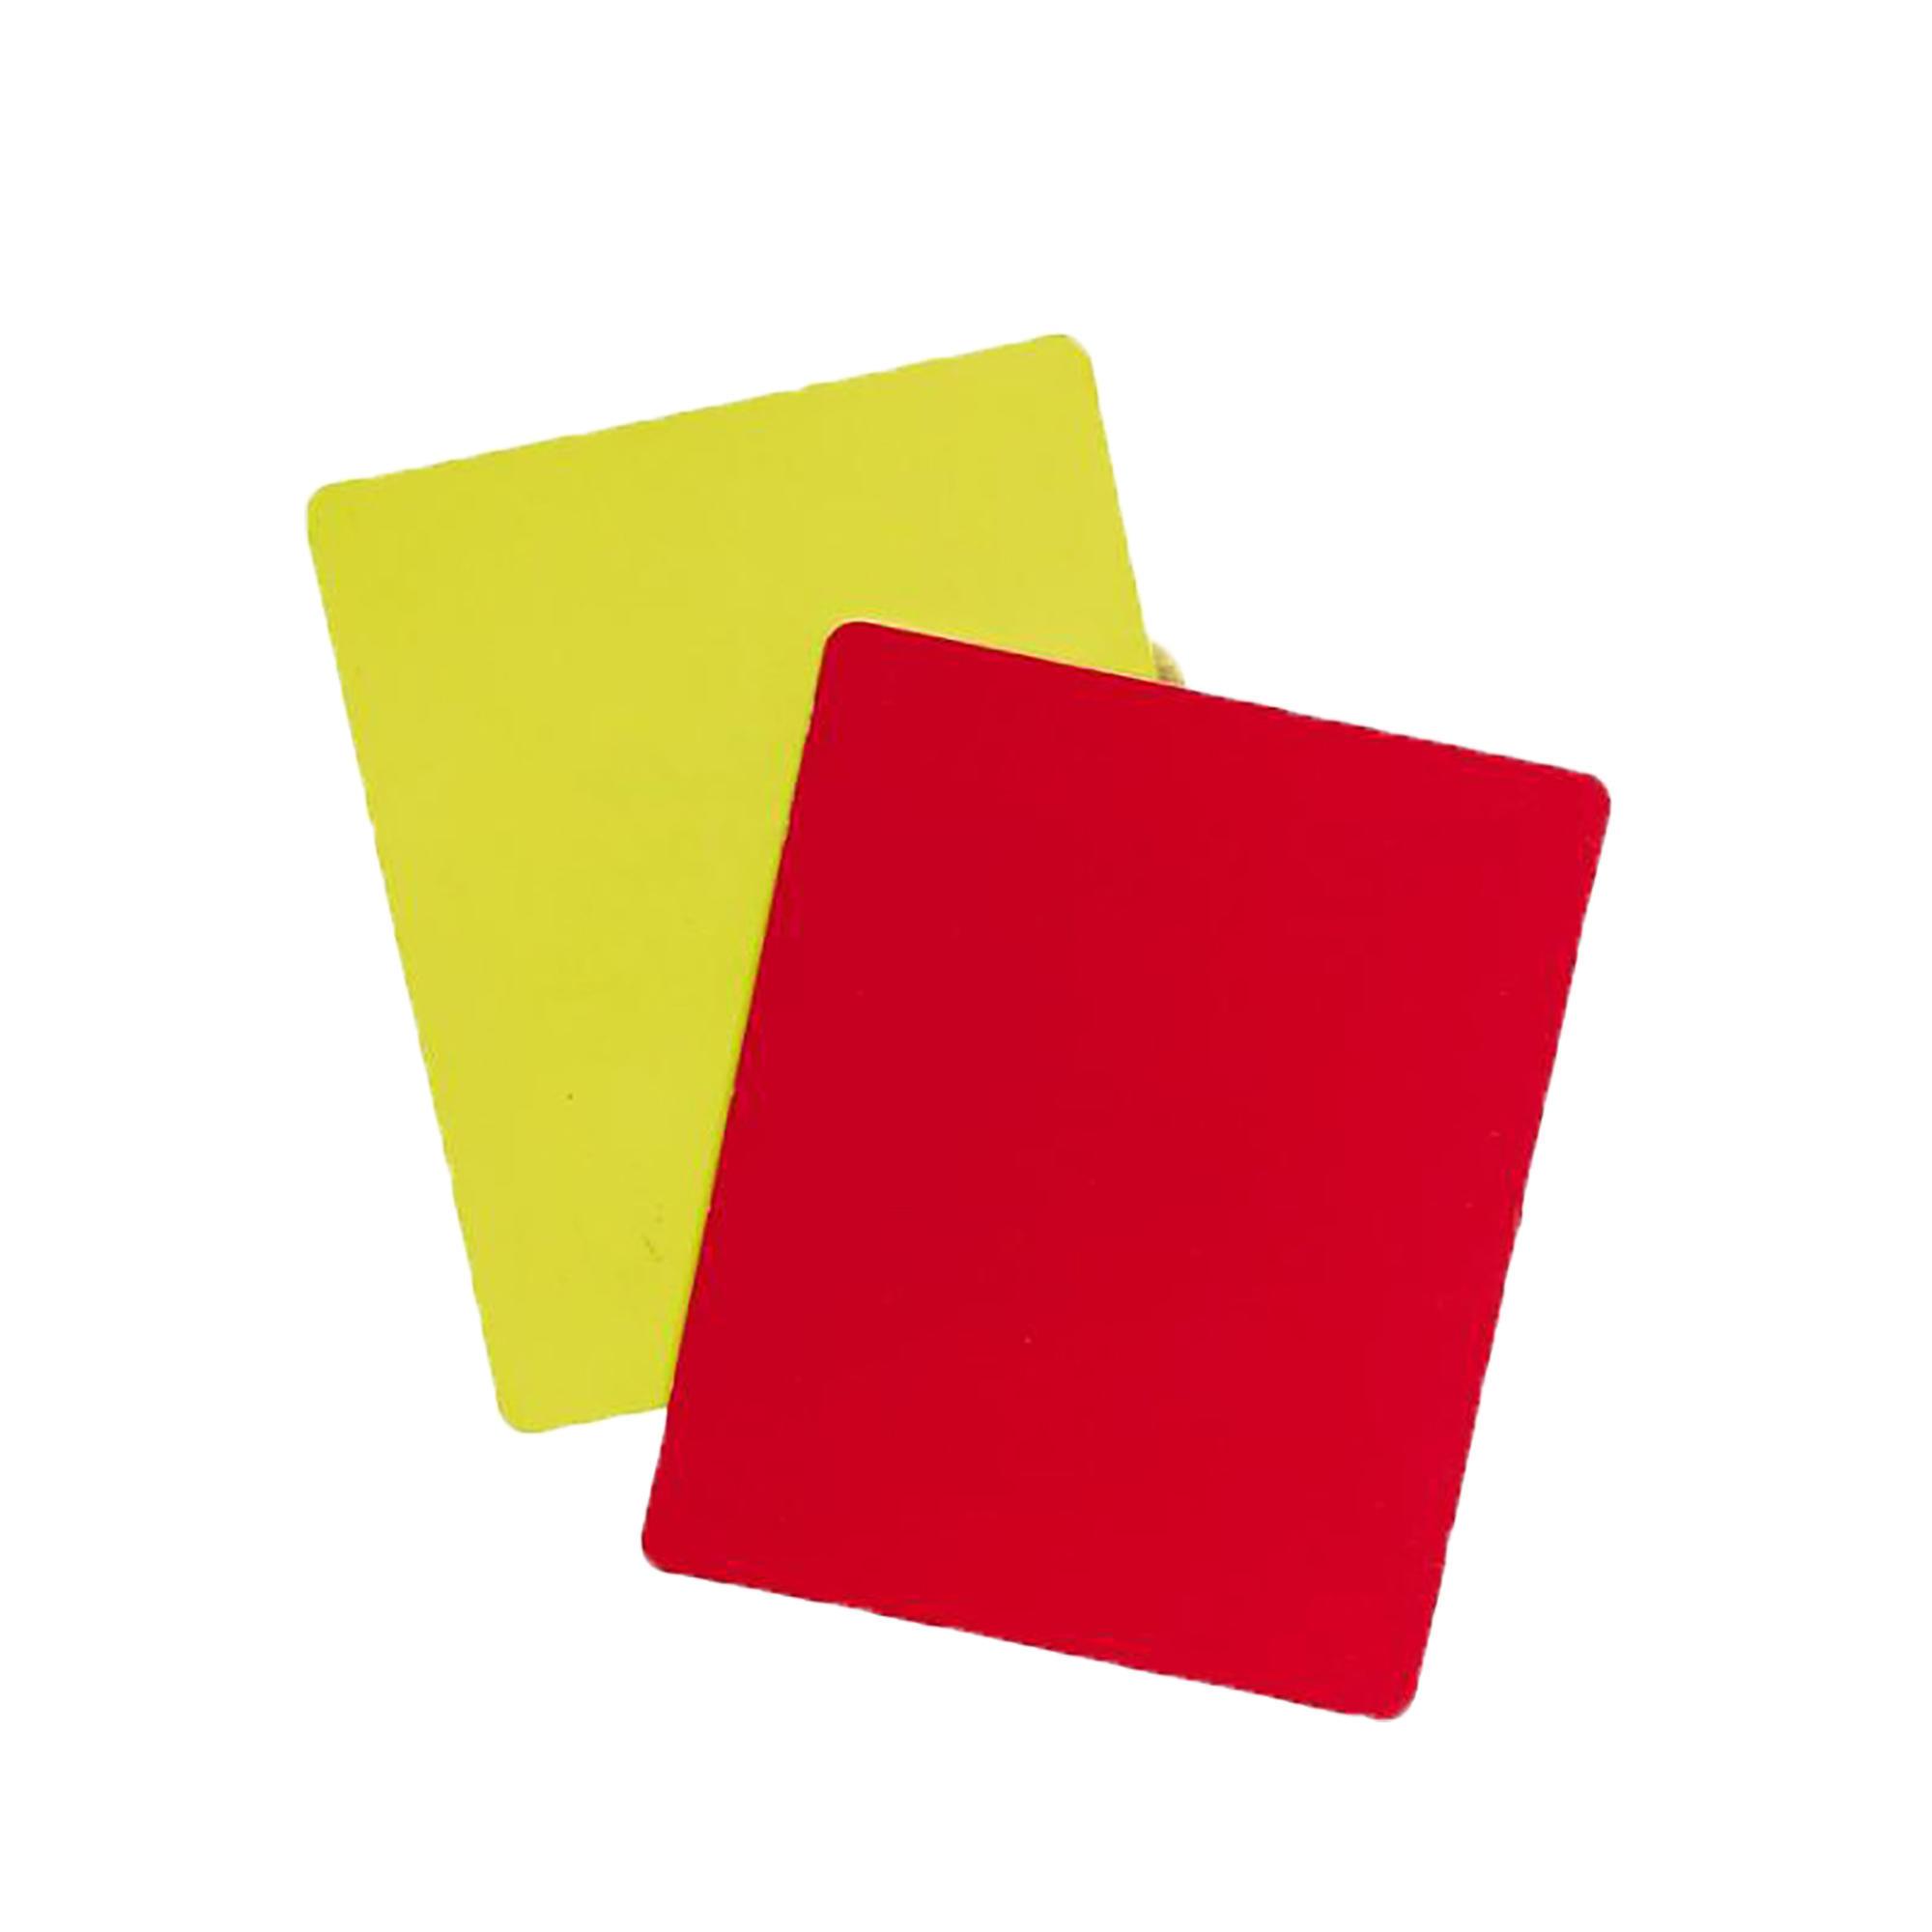 KIPSTA. Cartellini arbitro giallo-rosso